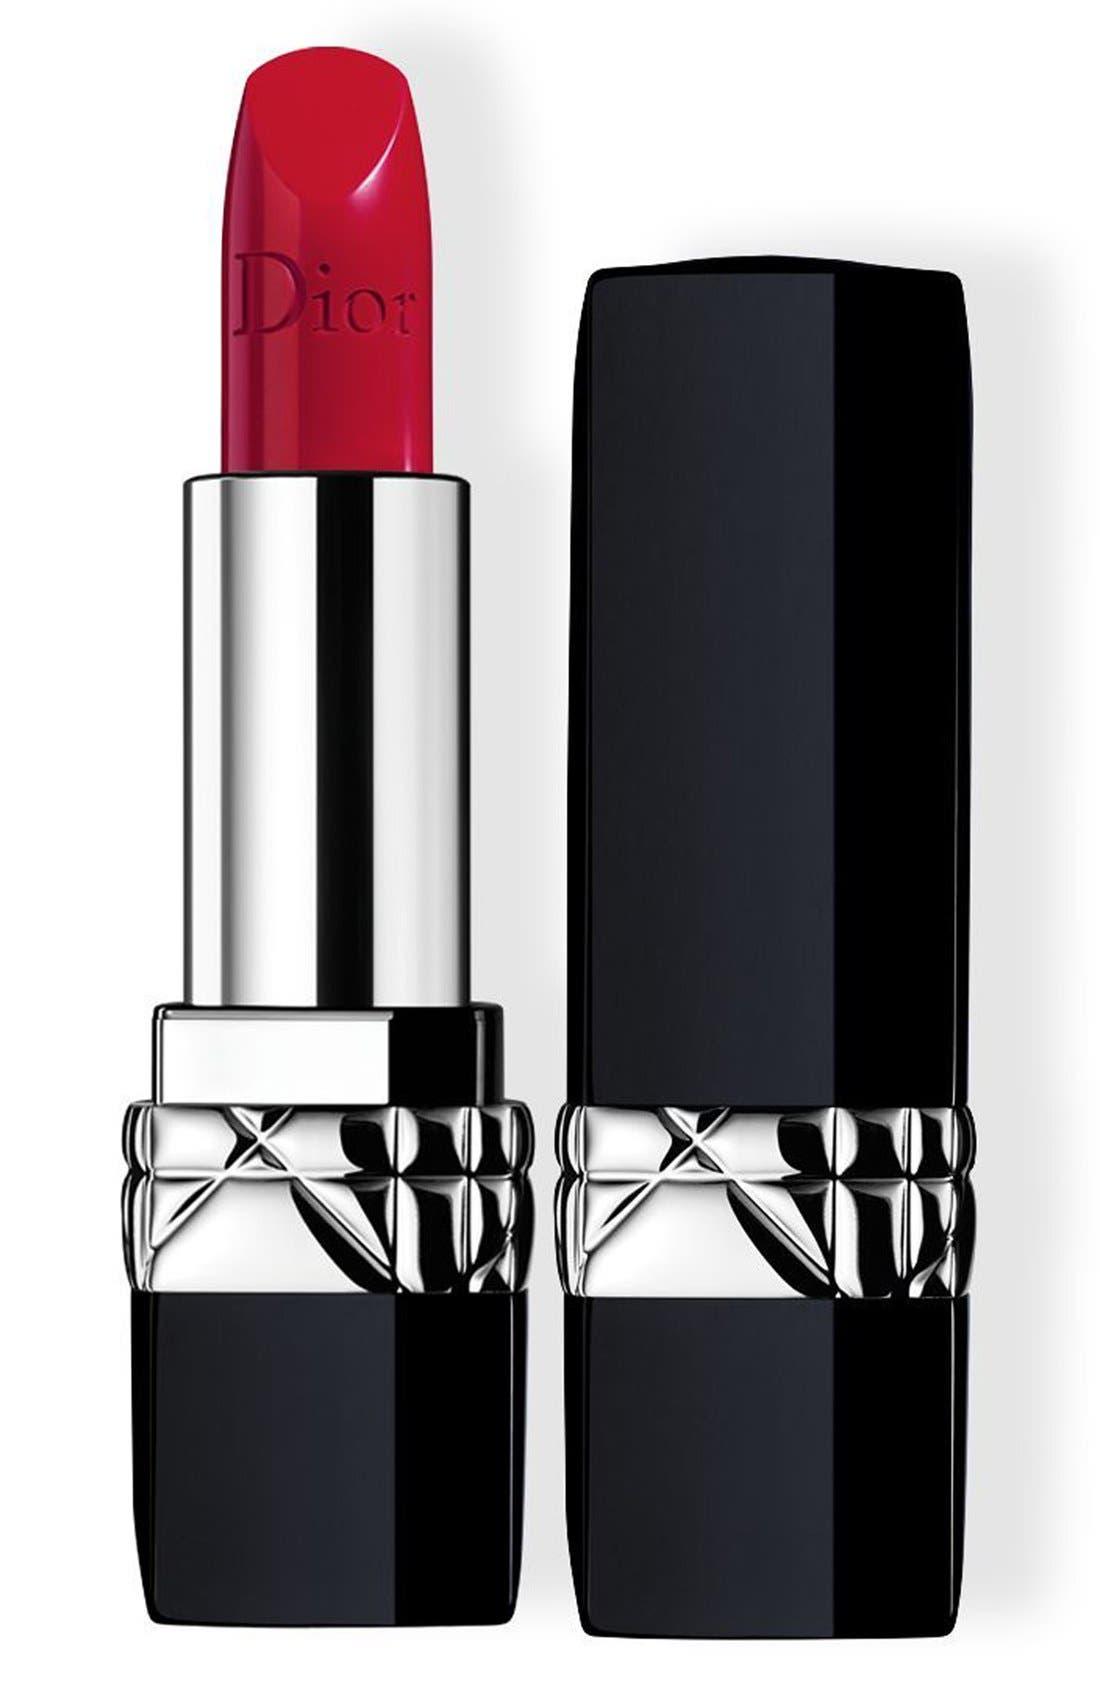 Dior Couture Color Rouge Dior Lipstick - 854 Concorde